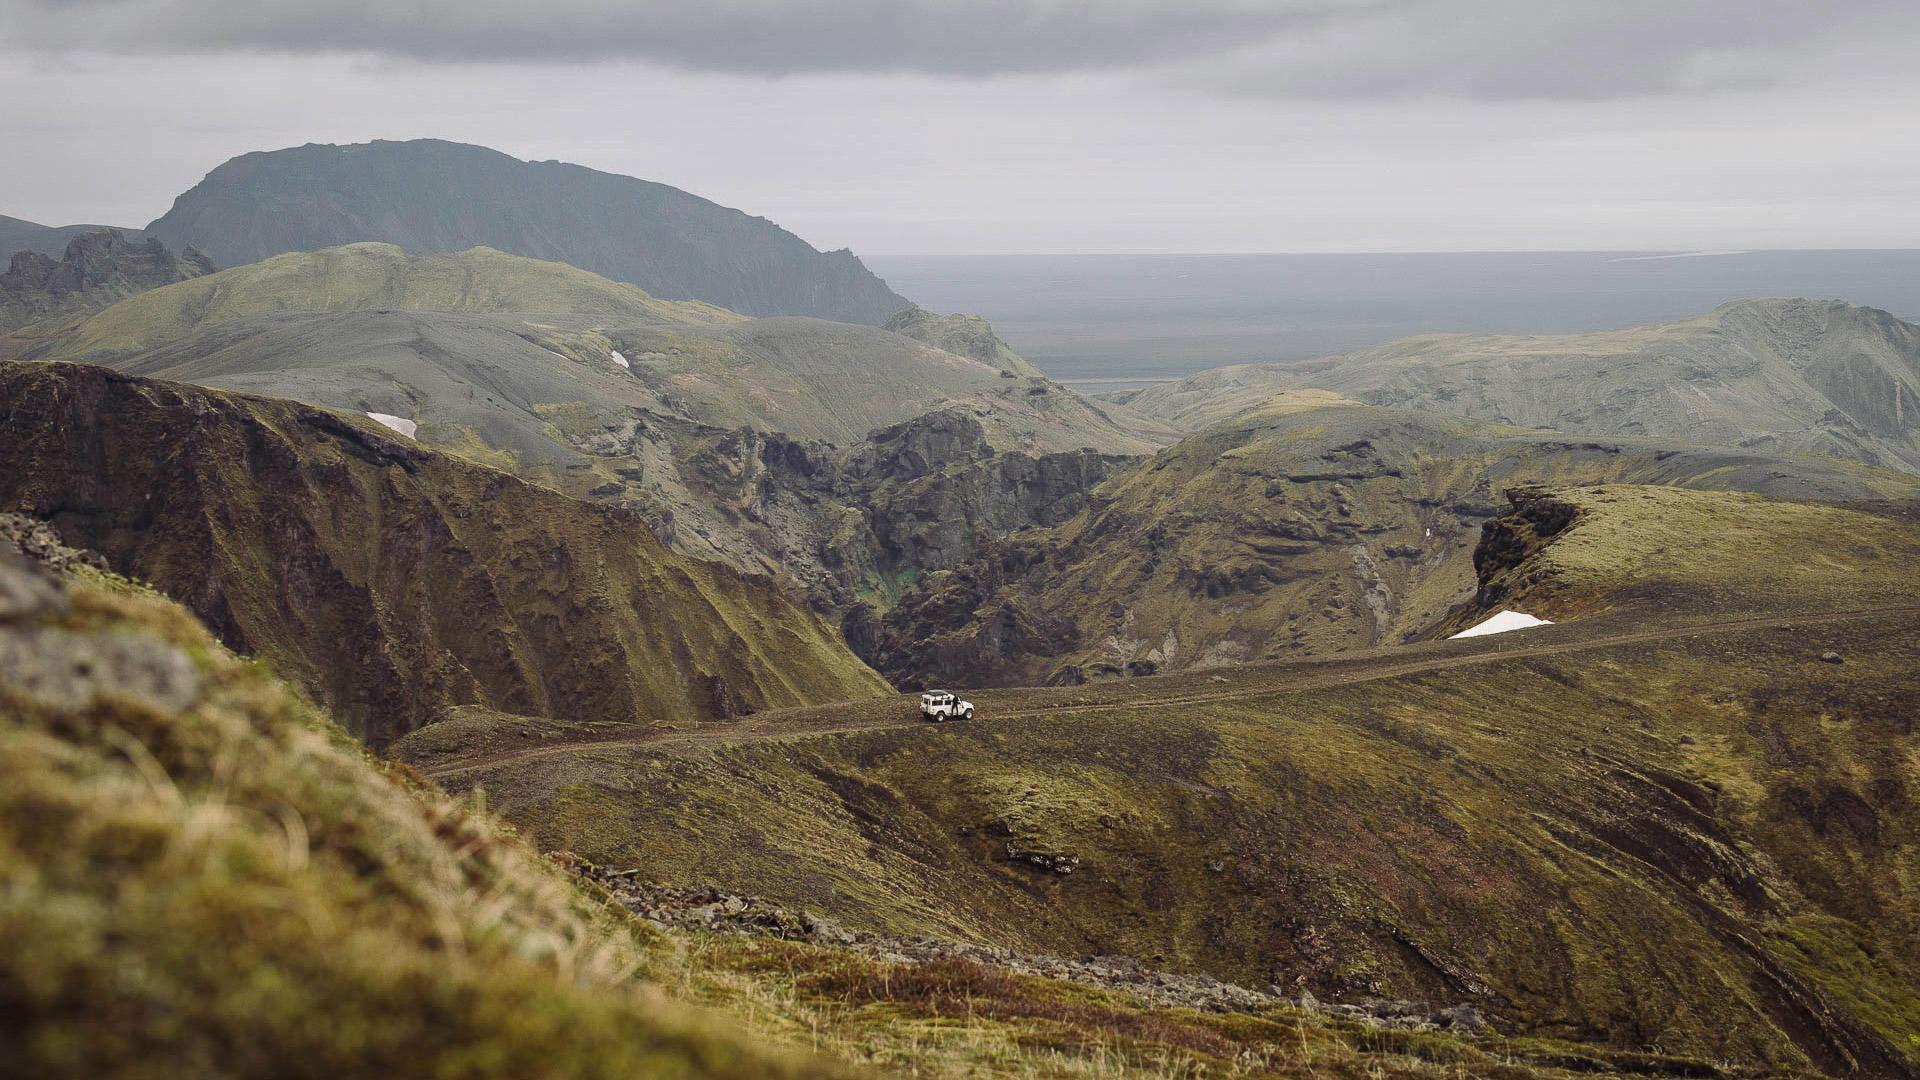 Fotostory von Redeleit und Junker - Berglandschaft in Island